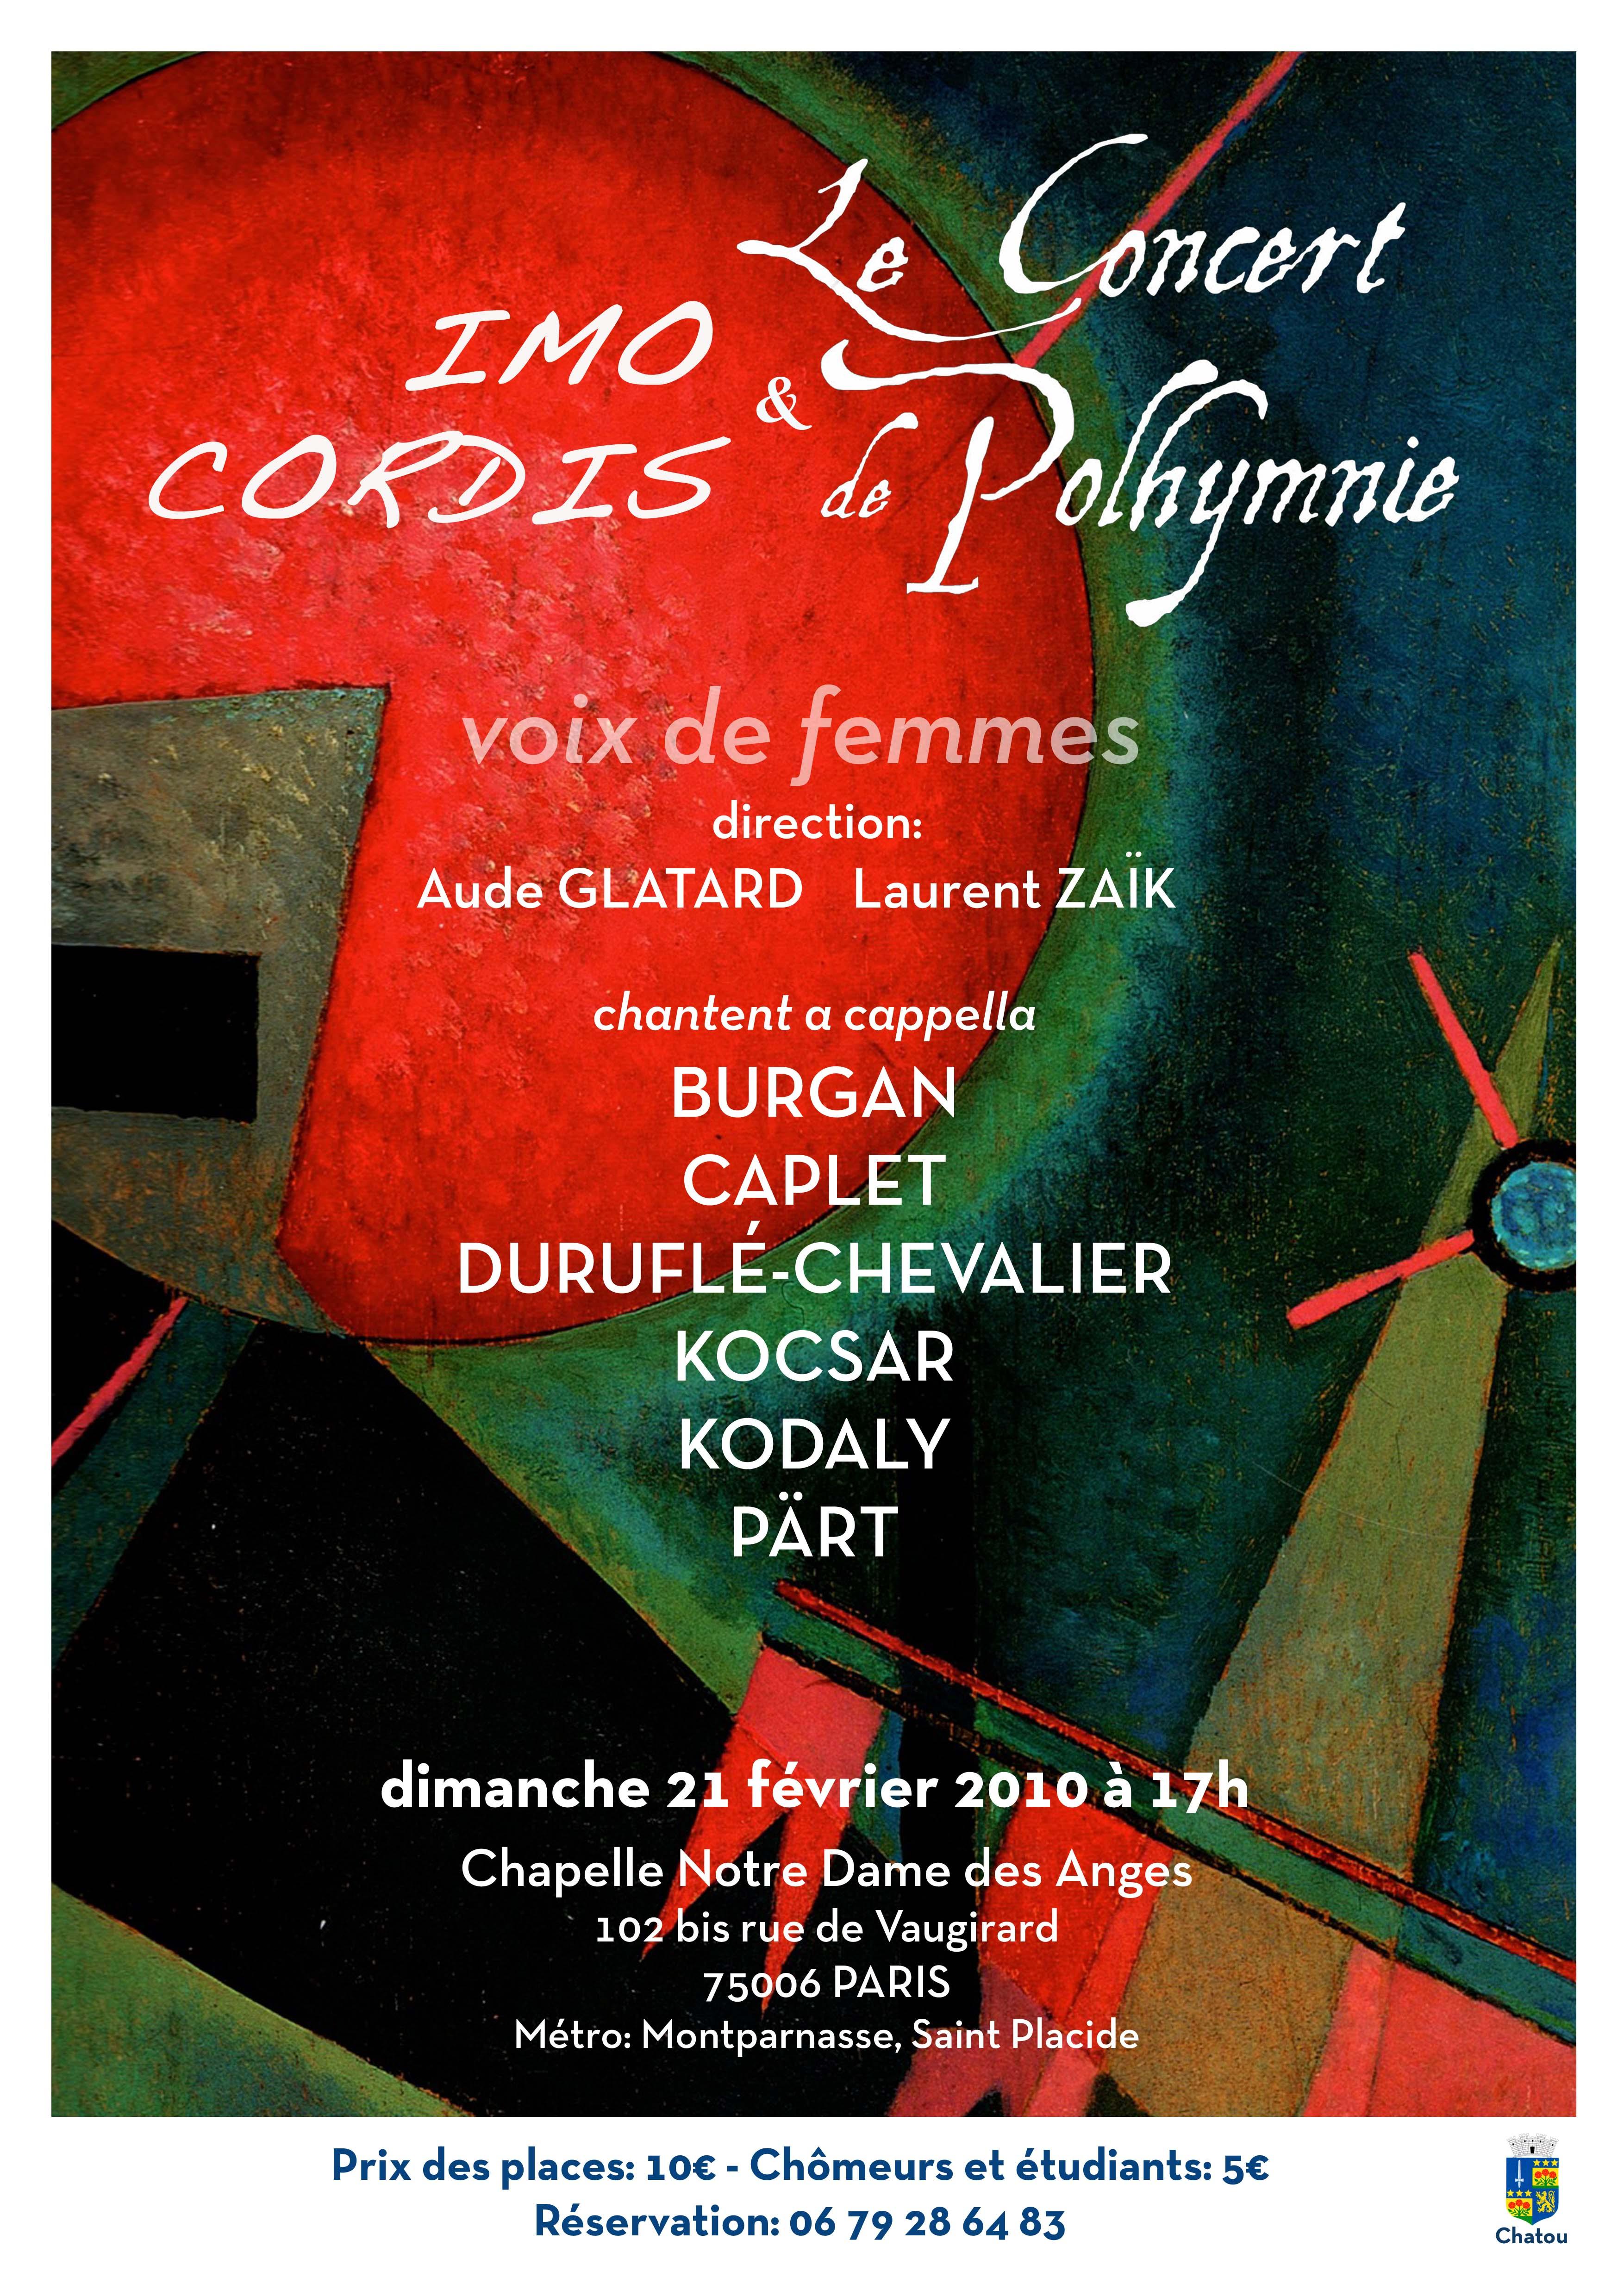 IMO CORDIS Concert 21 Février 2010